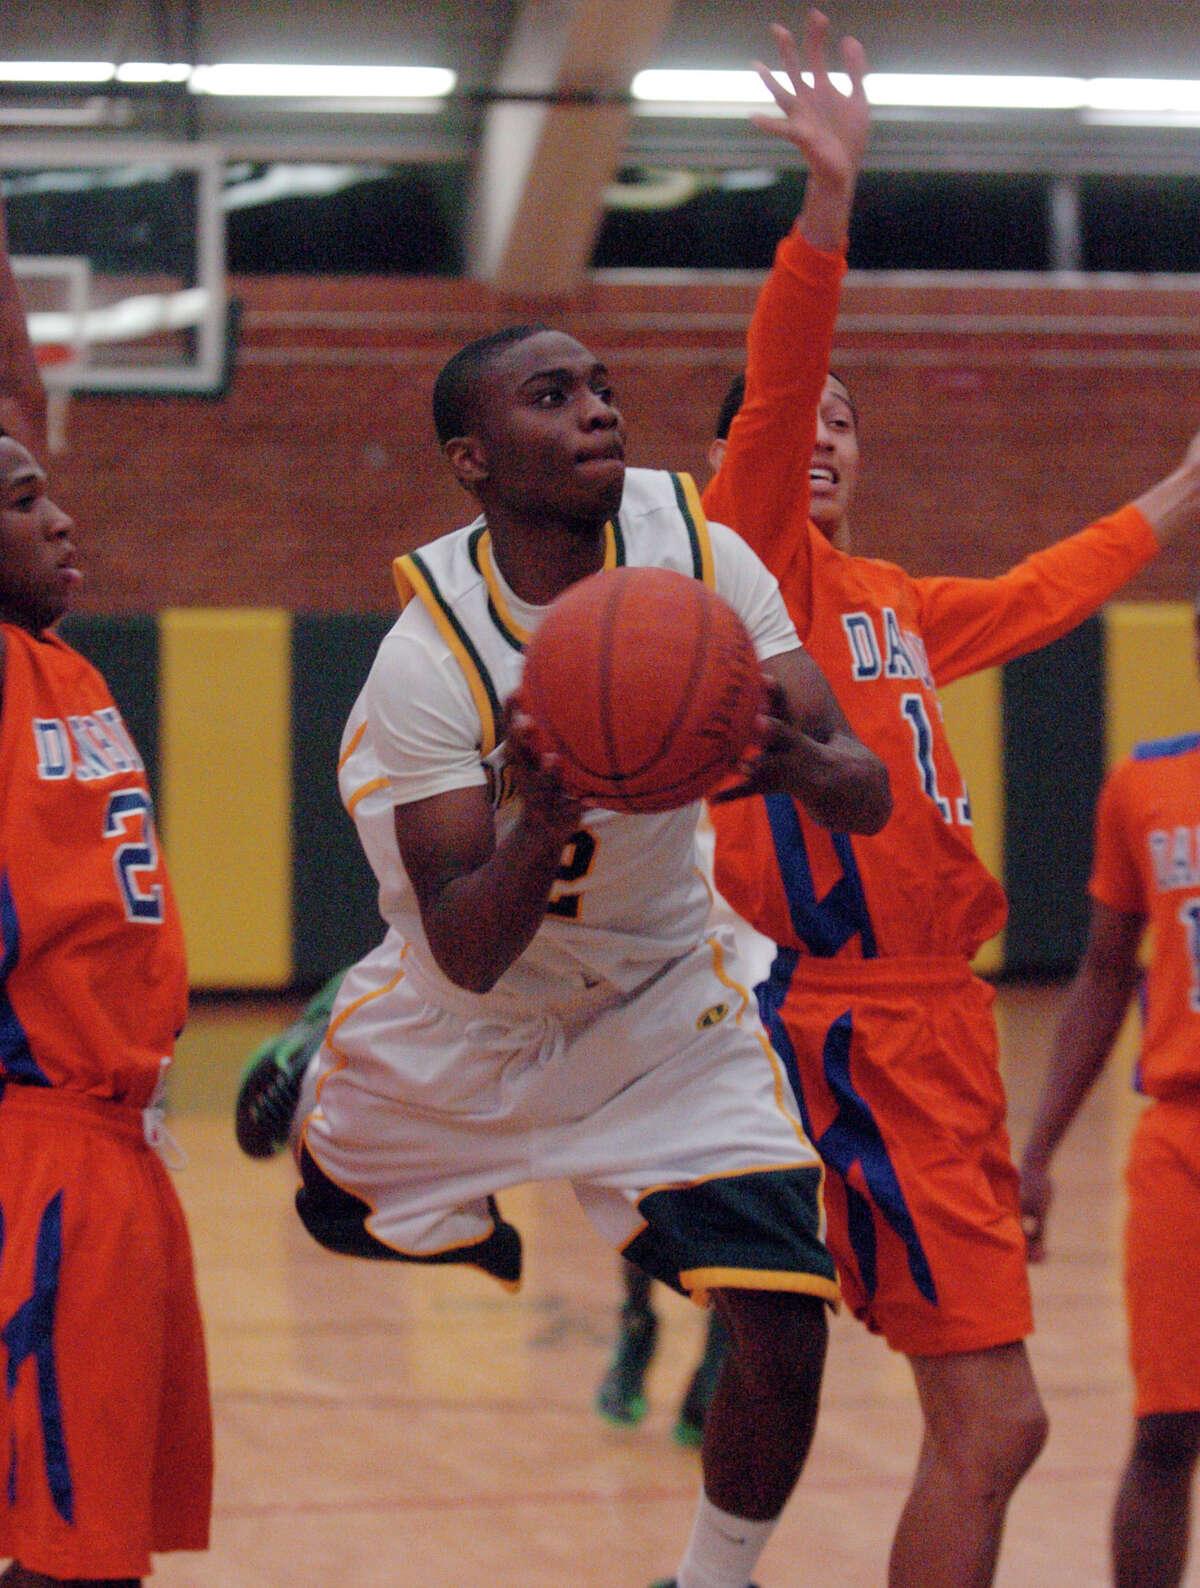 Trinity's Schadrac Casimir breaks through the Danbury defense as Trinity Catholic hosts Danbury High School in a boys basketball game in Stamford, Conn., Jan. 18, 2013.